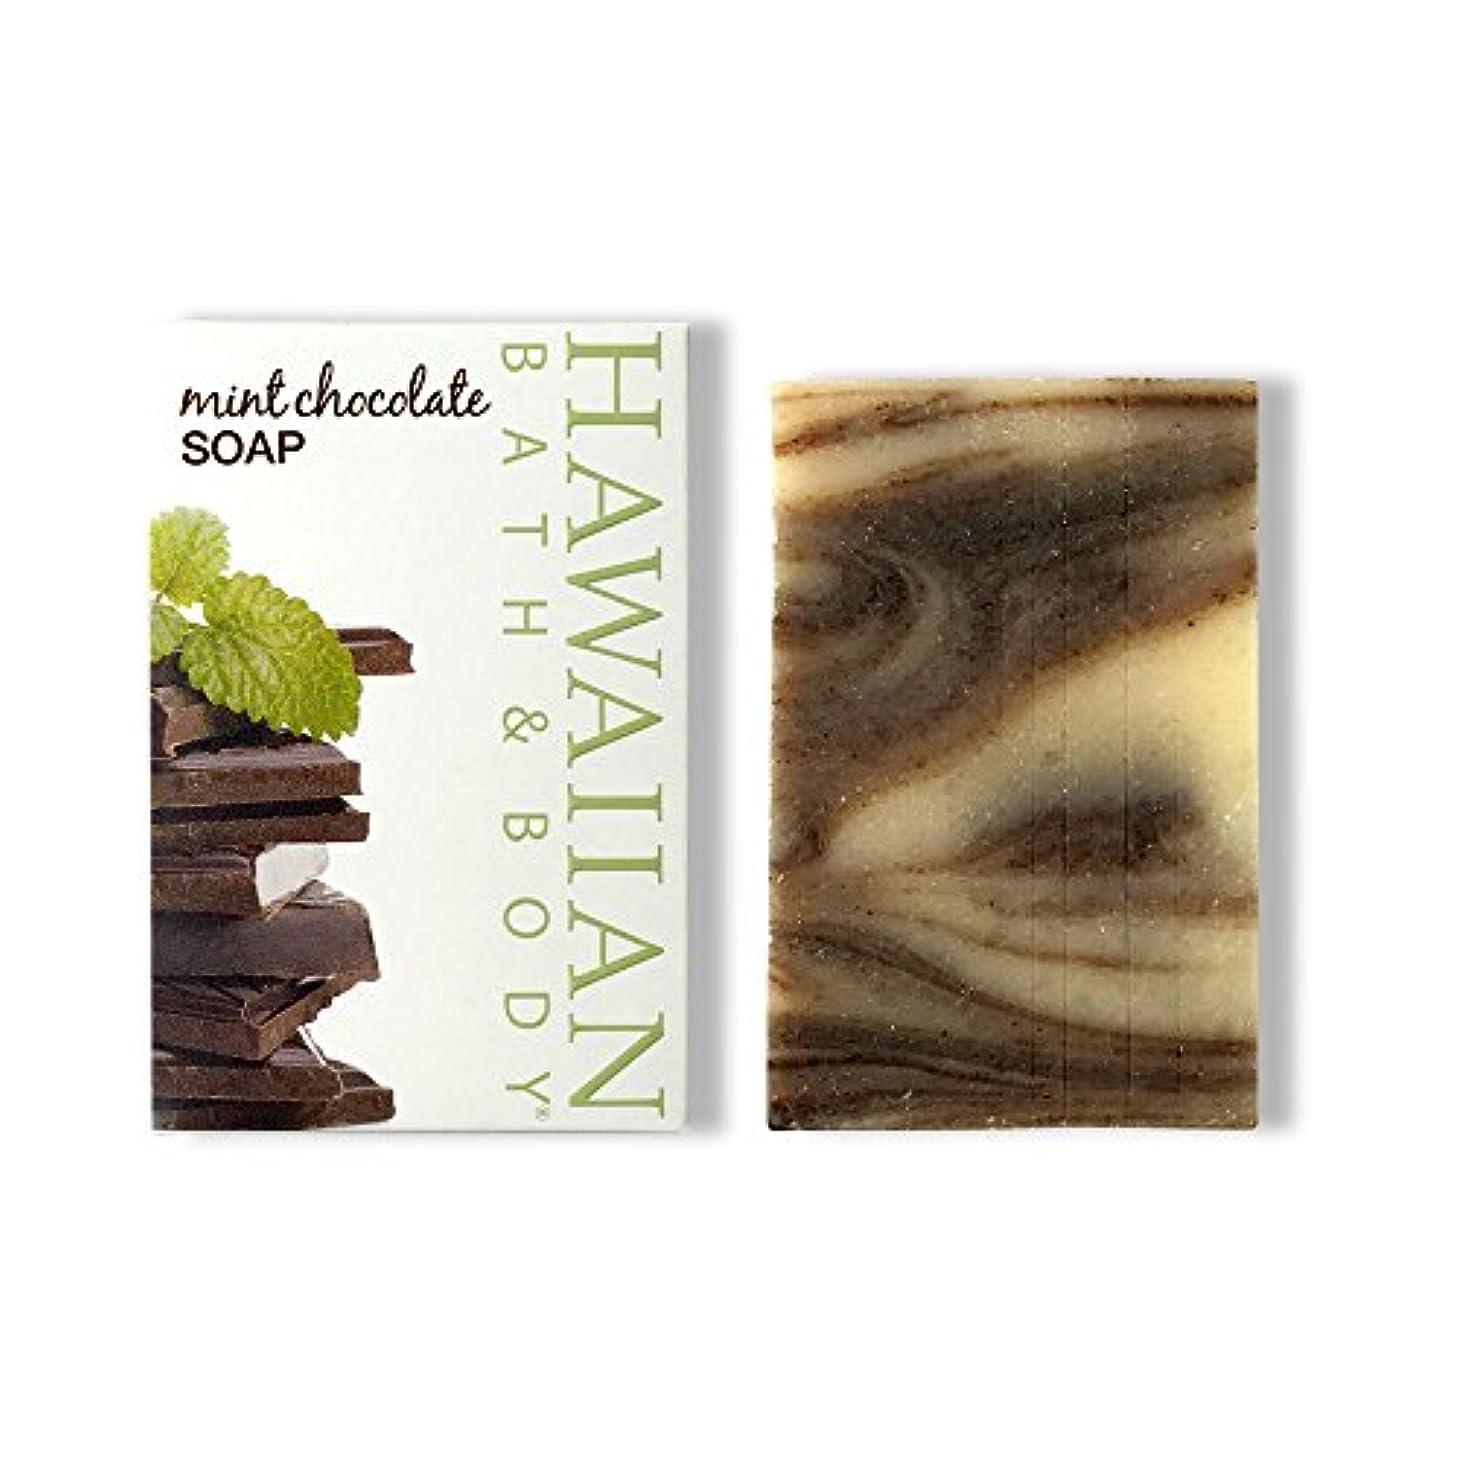 句麻痺抽象ハワイアンバス&ボディ ハワイアン?ミントチョコレートソープ ( Hawaii Mint Chocolate Soap )